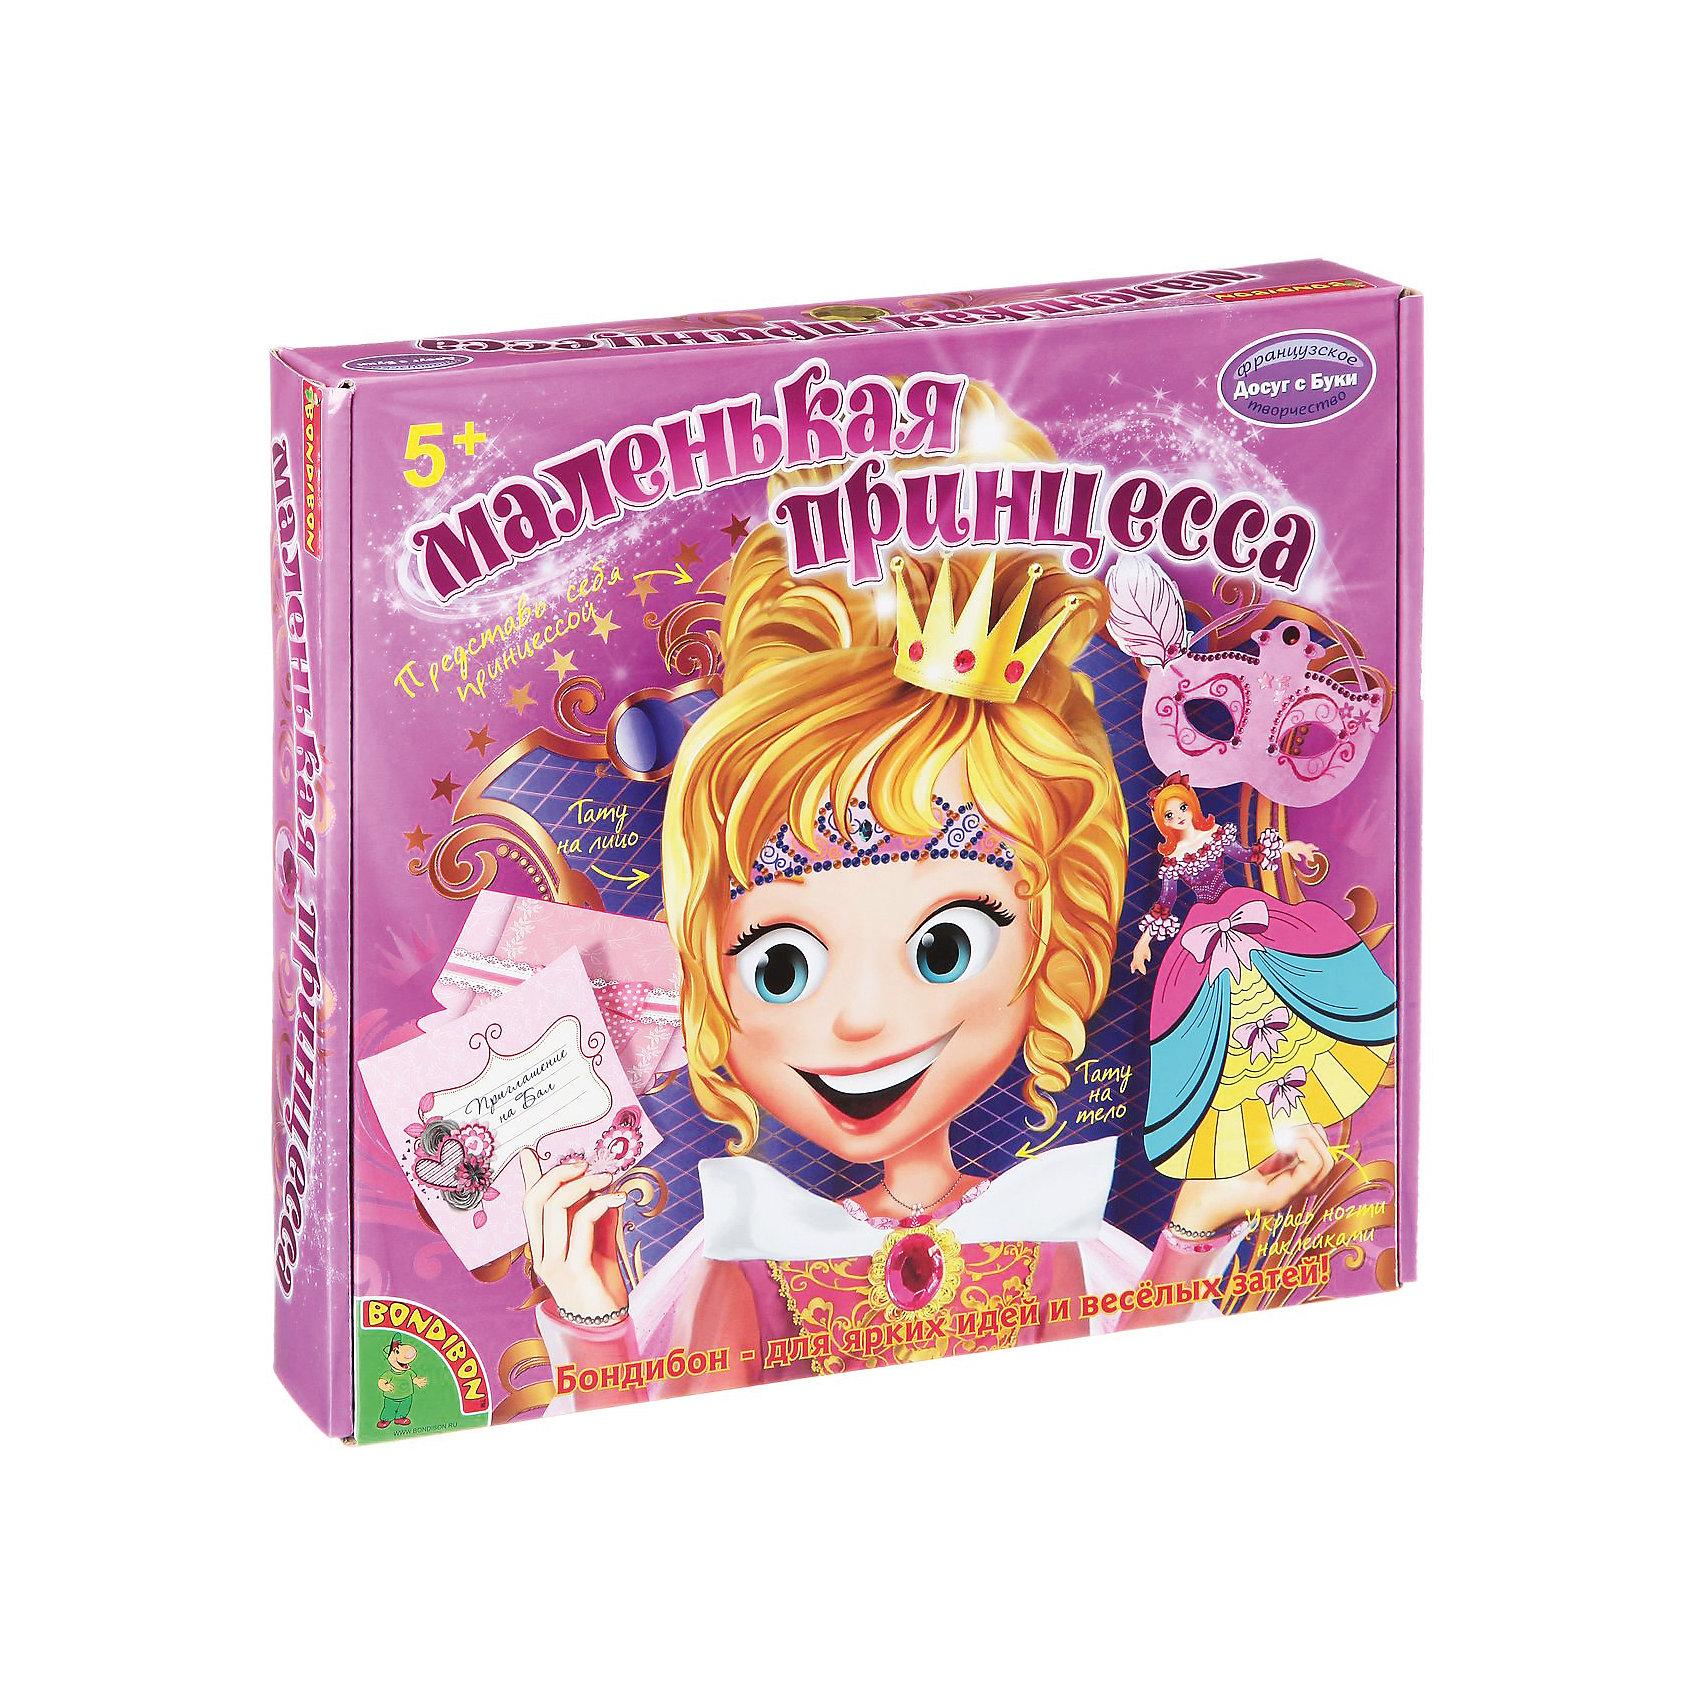 Набор для творчества Маленькая принцессаНабор для творчества Маленькая принцесса – этот набор поможет вашей девочки подготовиться к роскошному маскараду!<br>Каждой девочке порой хочется почувствовать себя настоящей принцессой и устроить сказочный бал, который запомнится навсегда! С набором «Маленькая принцесса» воплотить мечты в реальность стало просто и легко! В набор входят временные тату для лица и тела, самоклеящиеся наклейки для ногтей, а также цветная бумага, стразы и фломастеры, с помощью которых девочки смогут приготовить приглашение на бал и украсить куклу-принцессу, платье которой  становится объемным, если надуть его с помощью пластиковой трубочки. Также девочки смогут по прилагаемым в наборе эскизам сделать украшения – маску для лица, бумажные бусы и браслеты. Теперь для бала маленькой принцессы все готово! Занятия с набором для творчества «Маленькая принцесса» не оставляют равнодушной ни одну девочку. Кроме того, комплект не только поднимает настроение, но и приносит большую пользу. Придумывая узоры для украшения аксессуаров, ребенок развивает воображение, фантазию и художественный вкус. Создавая своими руками изделия из бумаги, девочка учится терпению и аккуратности, а также привыкает доводить начатое дело до конца.<br><br>Дополнительная информация:<br><br>- В наборе: 5 листов цветной бумаги для изготовления бус и браслетов, заготовки для изготовления масок, открыток и конвертов, наклейки для ногтей и для украшения аксессуаров, тату для лица и тела, 20 стразов, игрушка-принцесса, 3 фломастера, клей, гель с блестками, ленточка, подробная инструкция<br>- Упаковка: картонная коробка<br>- Размер упаковки: 27х24,5х4 см.<br>- Вес: 295 гр.<br><br>Набор для творчества Маленькая принцесса можно купить в нашем интернет-магазине.<br><br>Ширина мм: 25<br>Глубина мм: 4<br>Высота мм: 27<br>Вес г: 295<br>Возраст от месяцев: 60<br>Возраст до месяцев: 144<br>Пол: Женский<br>Возраст: Детский<br>SKU: 4993138